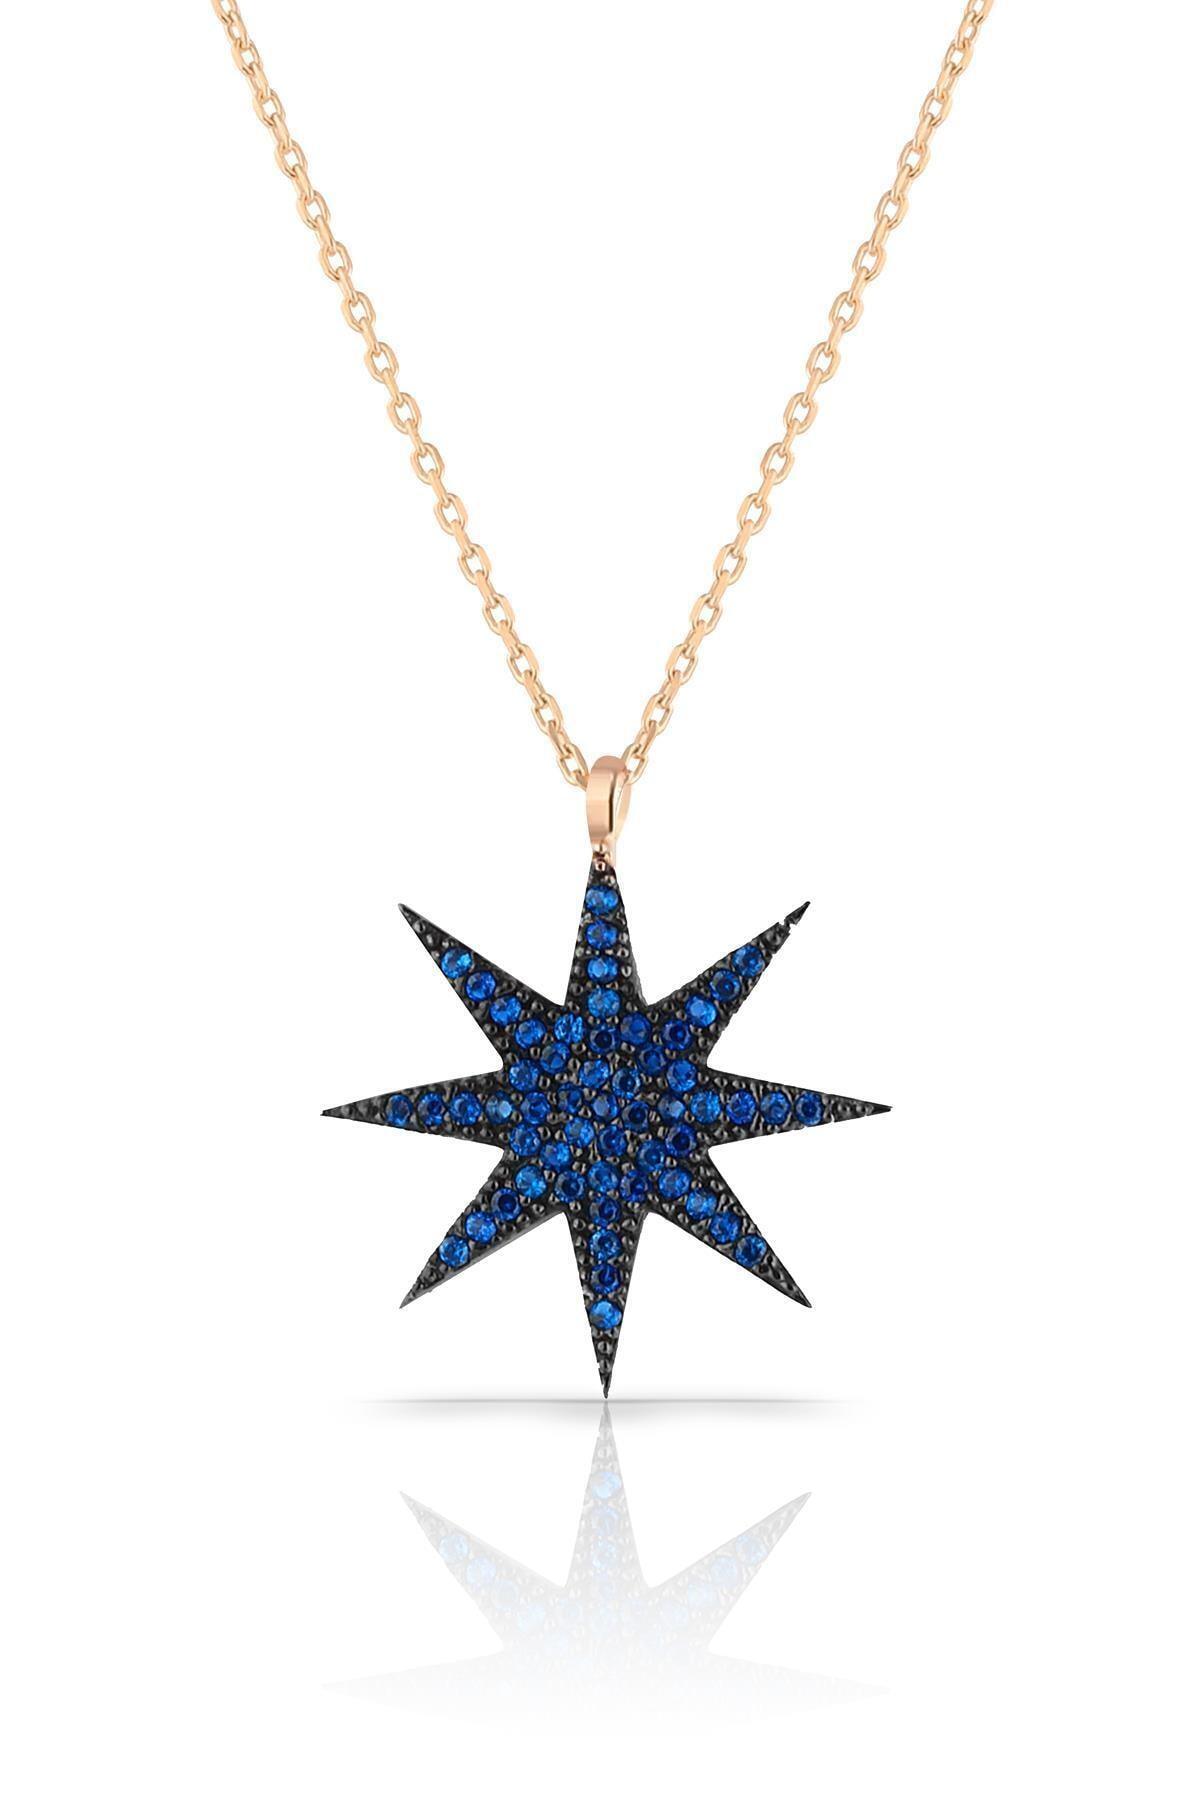 Azuris Silver Kadın 925 Ayar Gümüş Mavi Taşlı Yıldız Kolye ALK1720 1